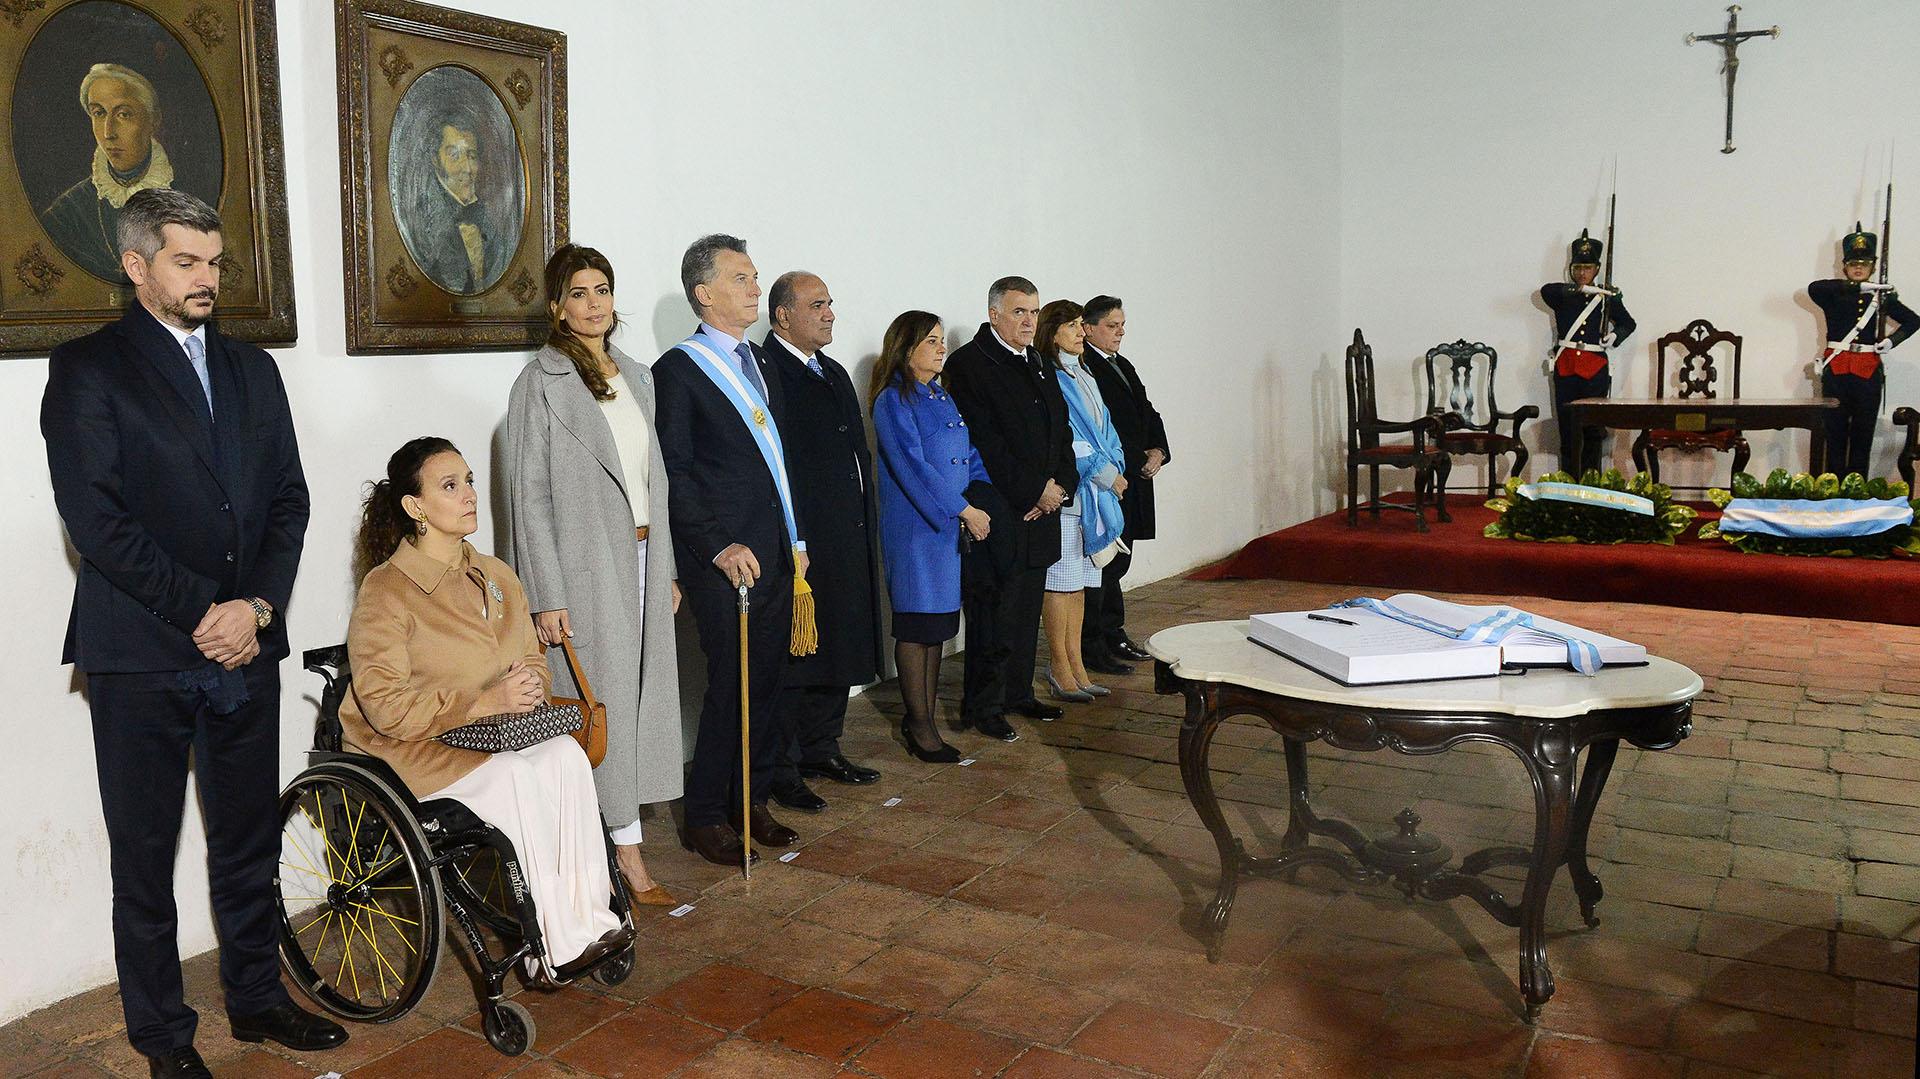 El Presidente estuvo acompañado por su esposa, la primera Dama Juliana Awada, la vicepresidente Gabriela Michetti y varios miembros de su Gabinete